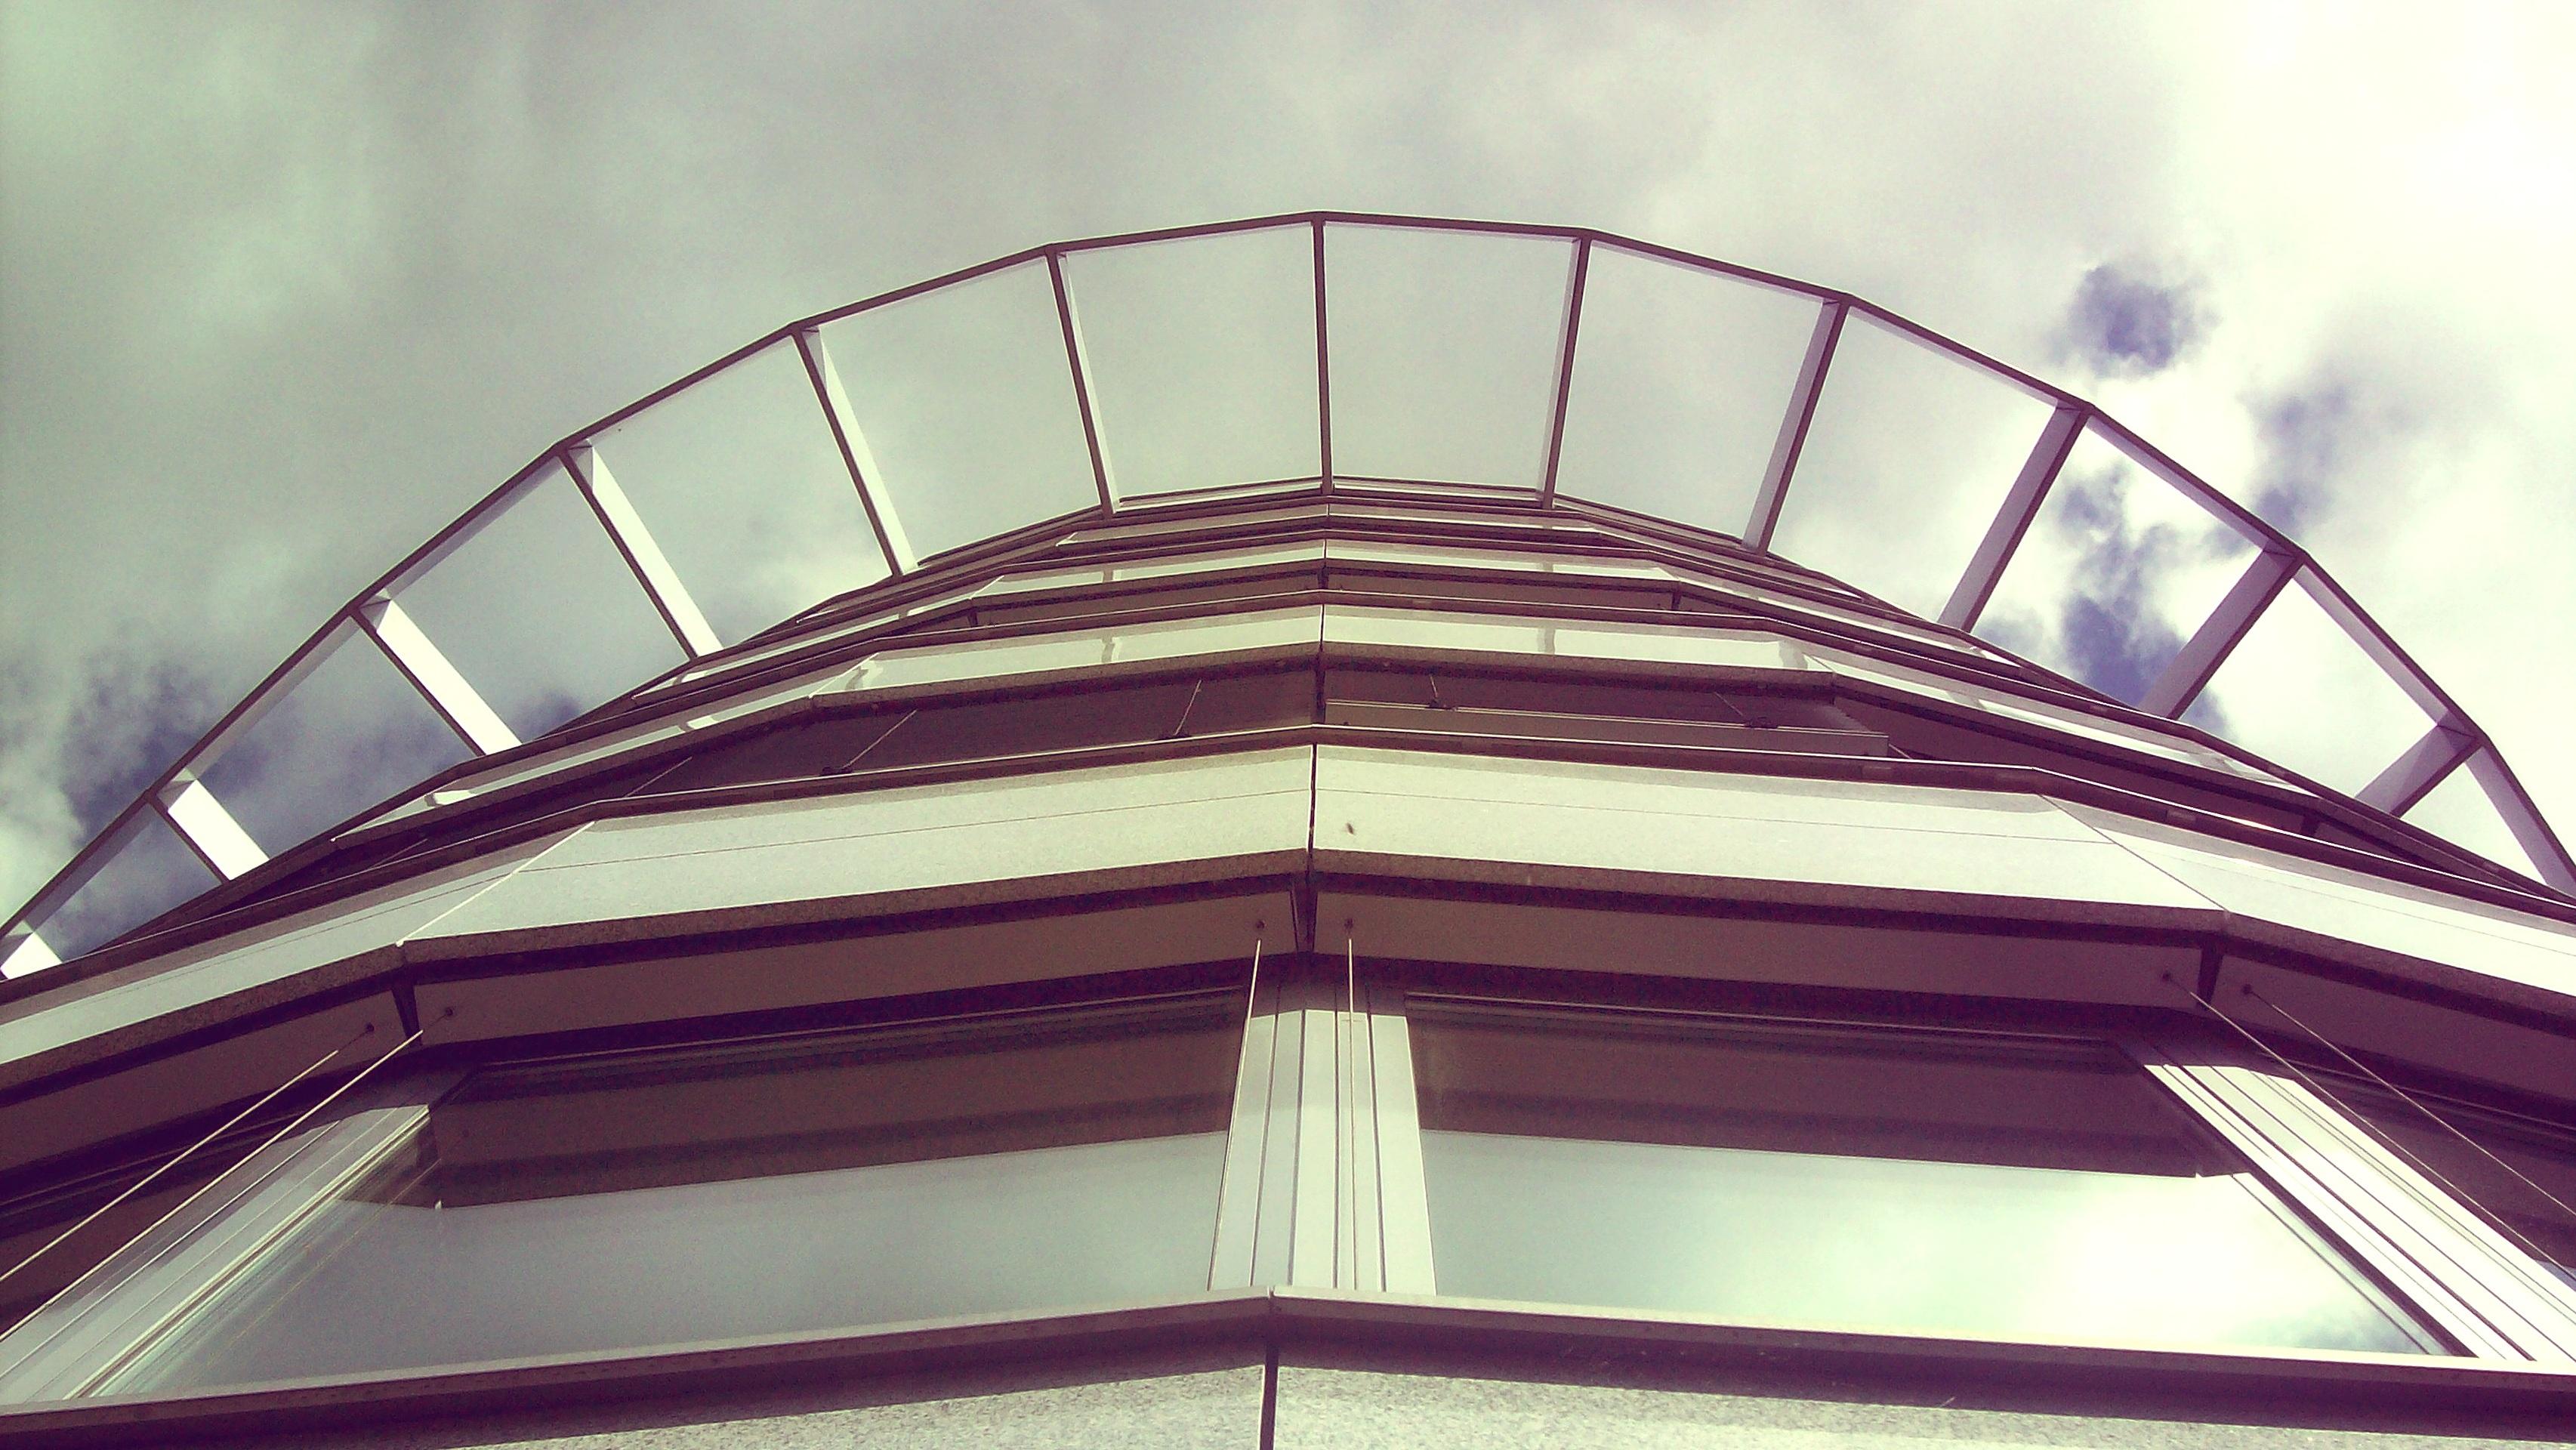 Kostenlose foto : die Architektur, Fenster, Gebäude, Stadt, Zuhause ...